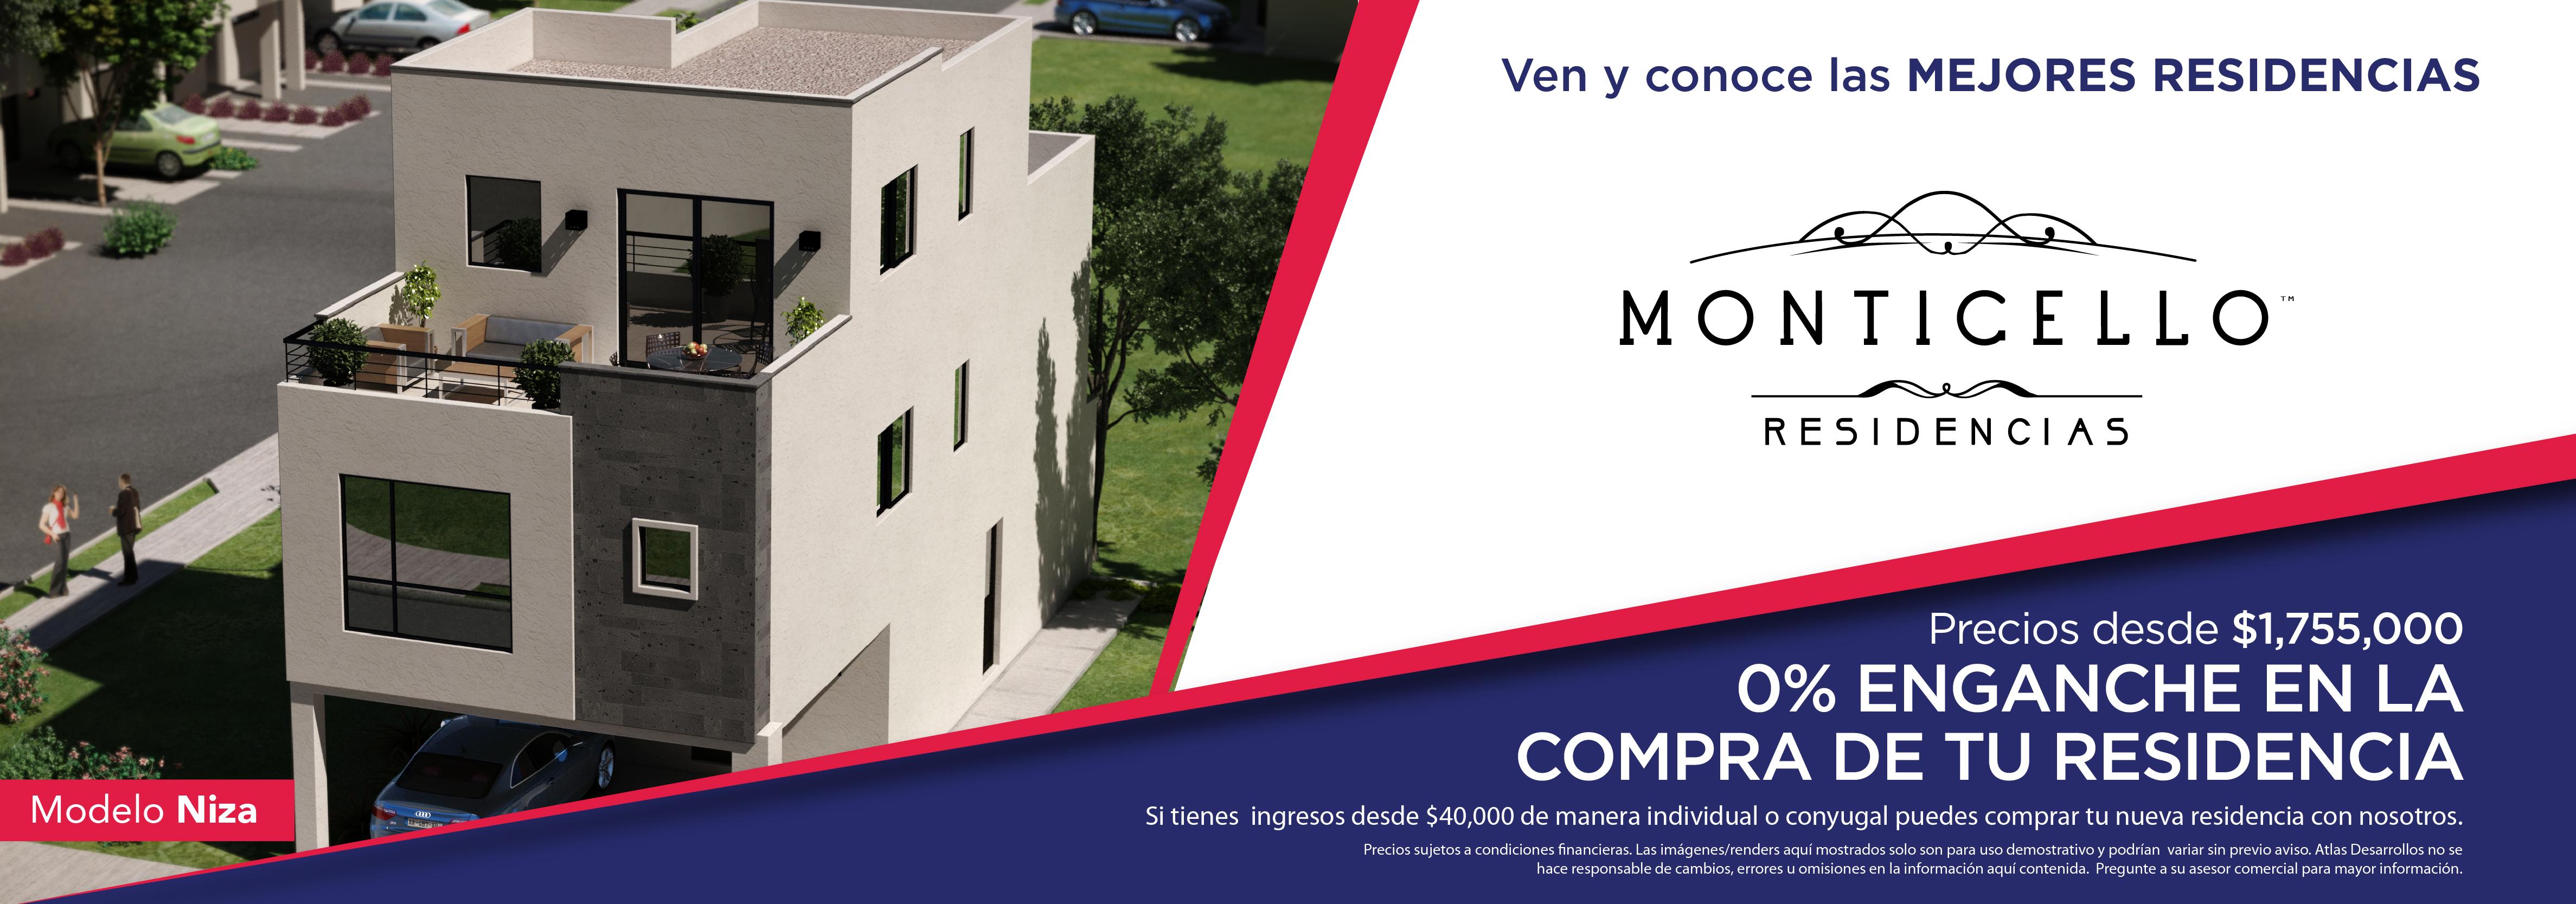 atlas-monticello-1